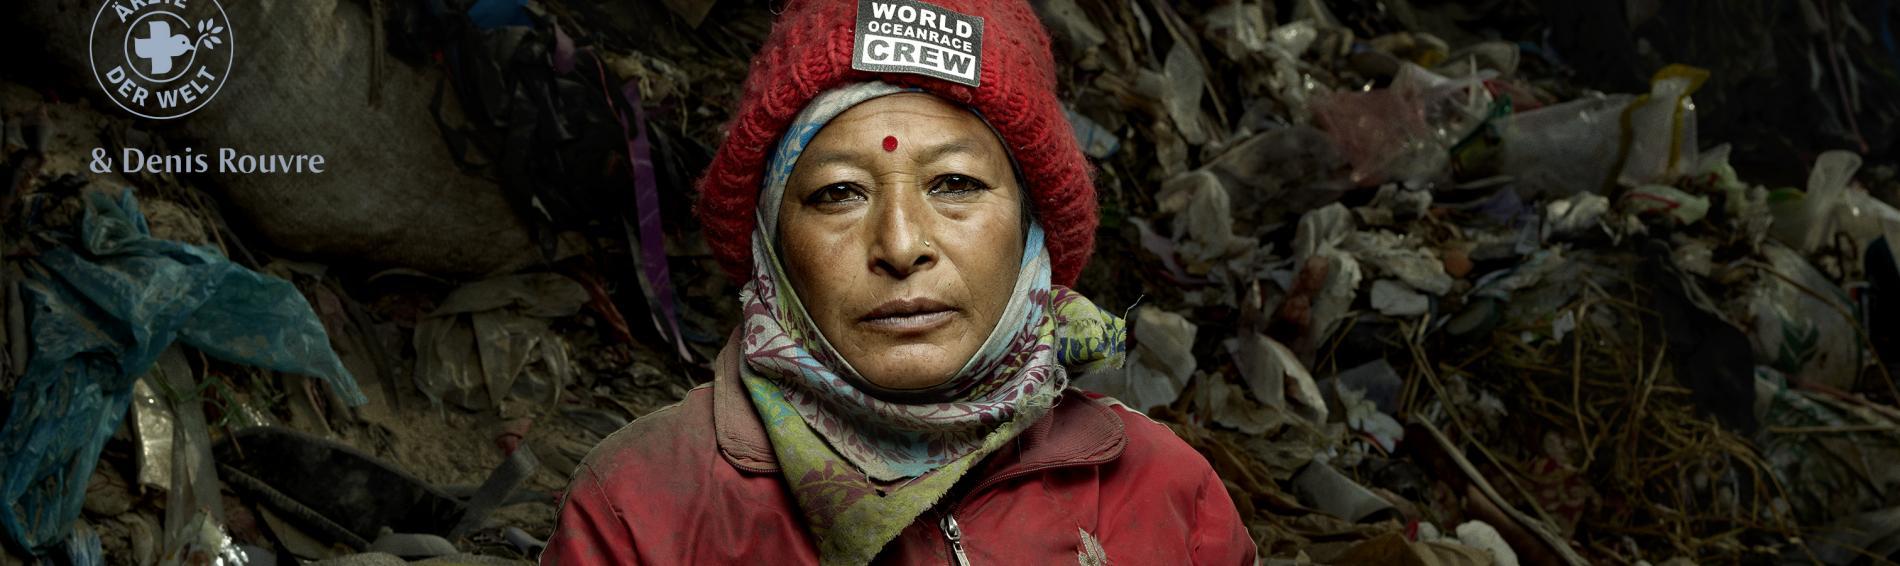 """""""Wenn du nichts hast, respektieren dich die Leute nicht. Sie hören Dir nicht einmal zu."""" Die nepalesischen Müllarbeiterin Sanu Nani Magar hat den Respekt verdient."""